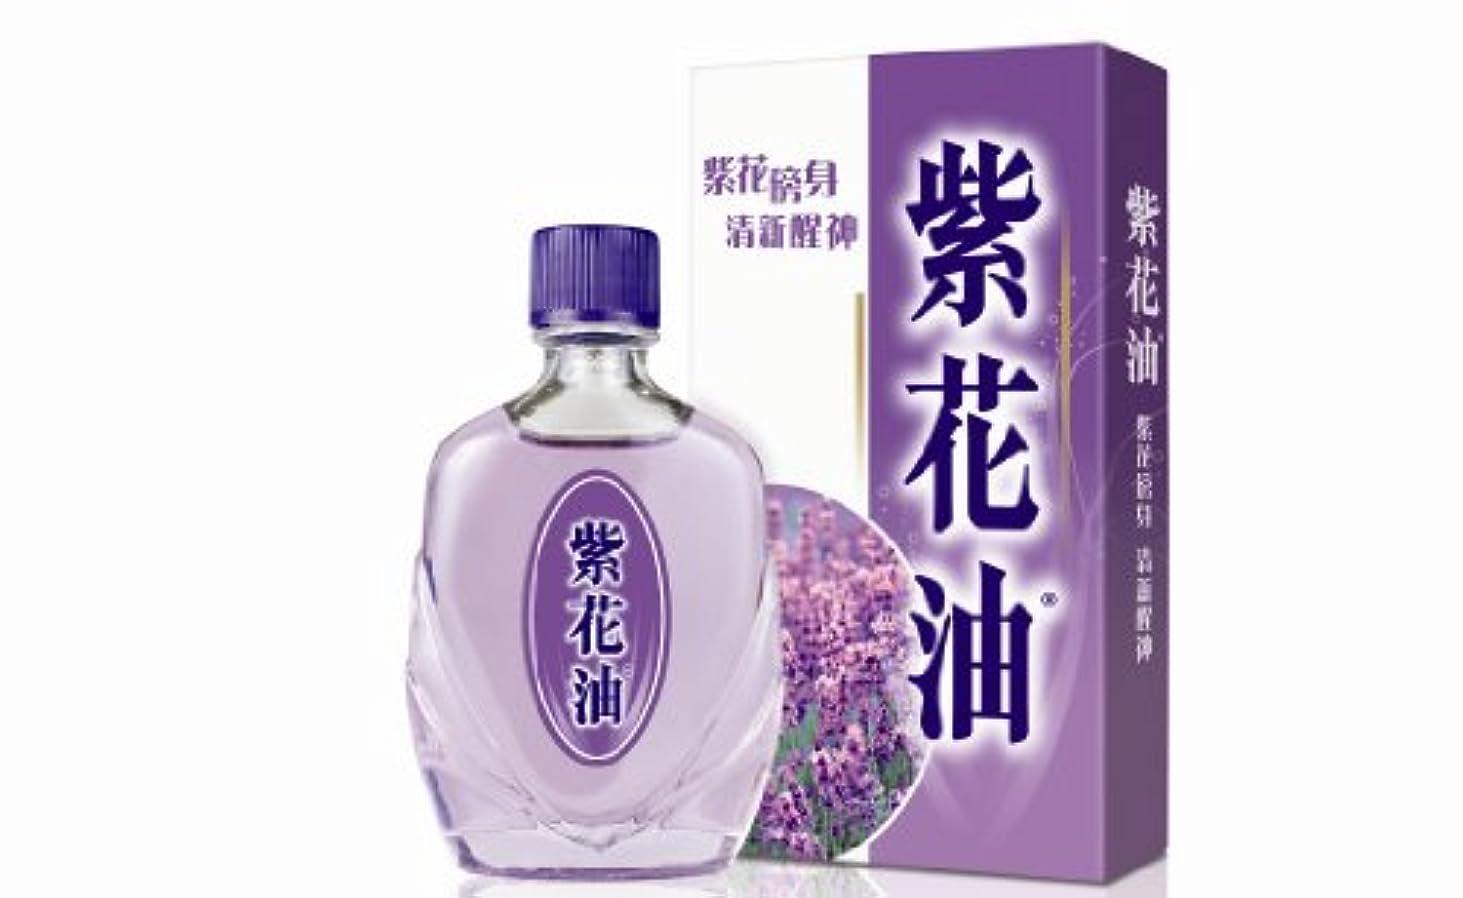 権利を与えるレジ避ける紫花油 Zihua 香港 台湾 26ml 白花油 万能オイル (26ml) [並行輸入品]